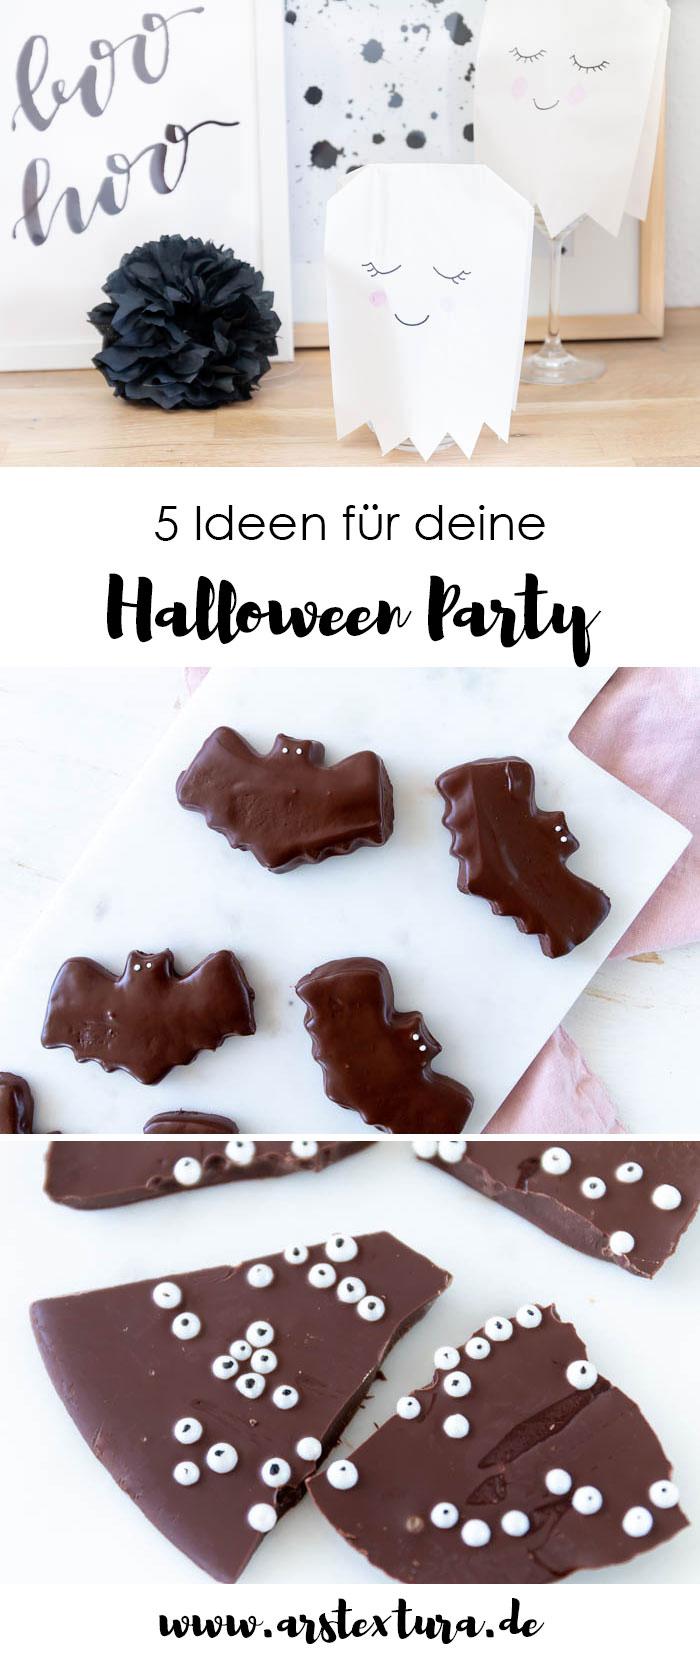 5 Ideen für deine Halloween Party: Rezepte und DIY Deko